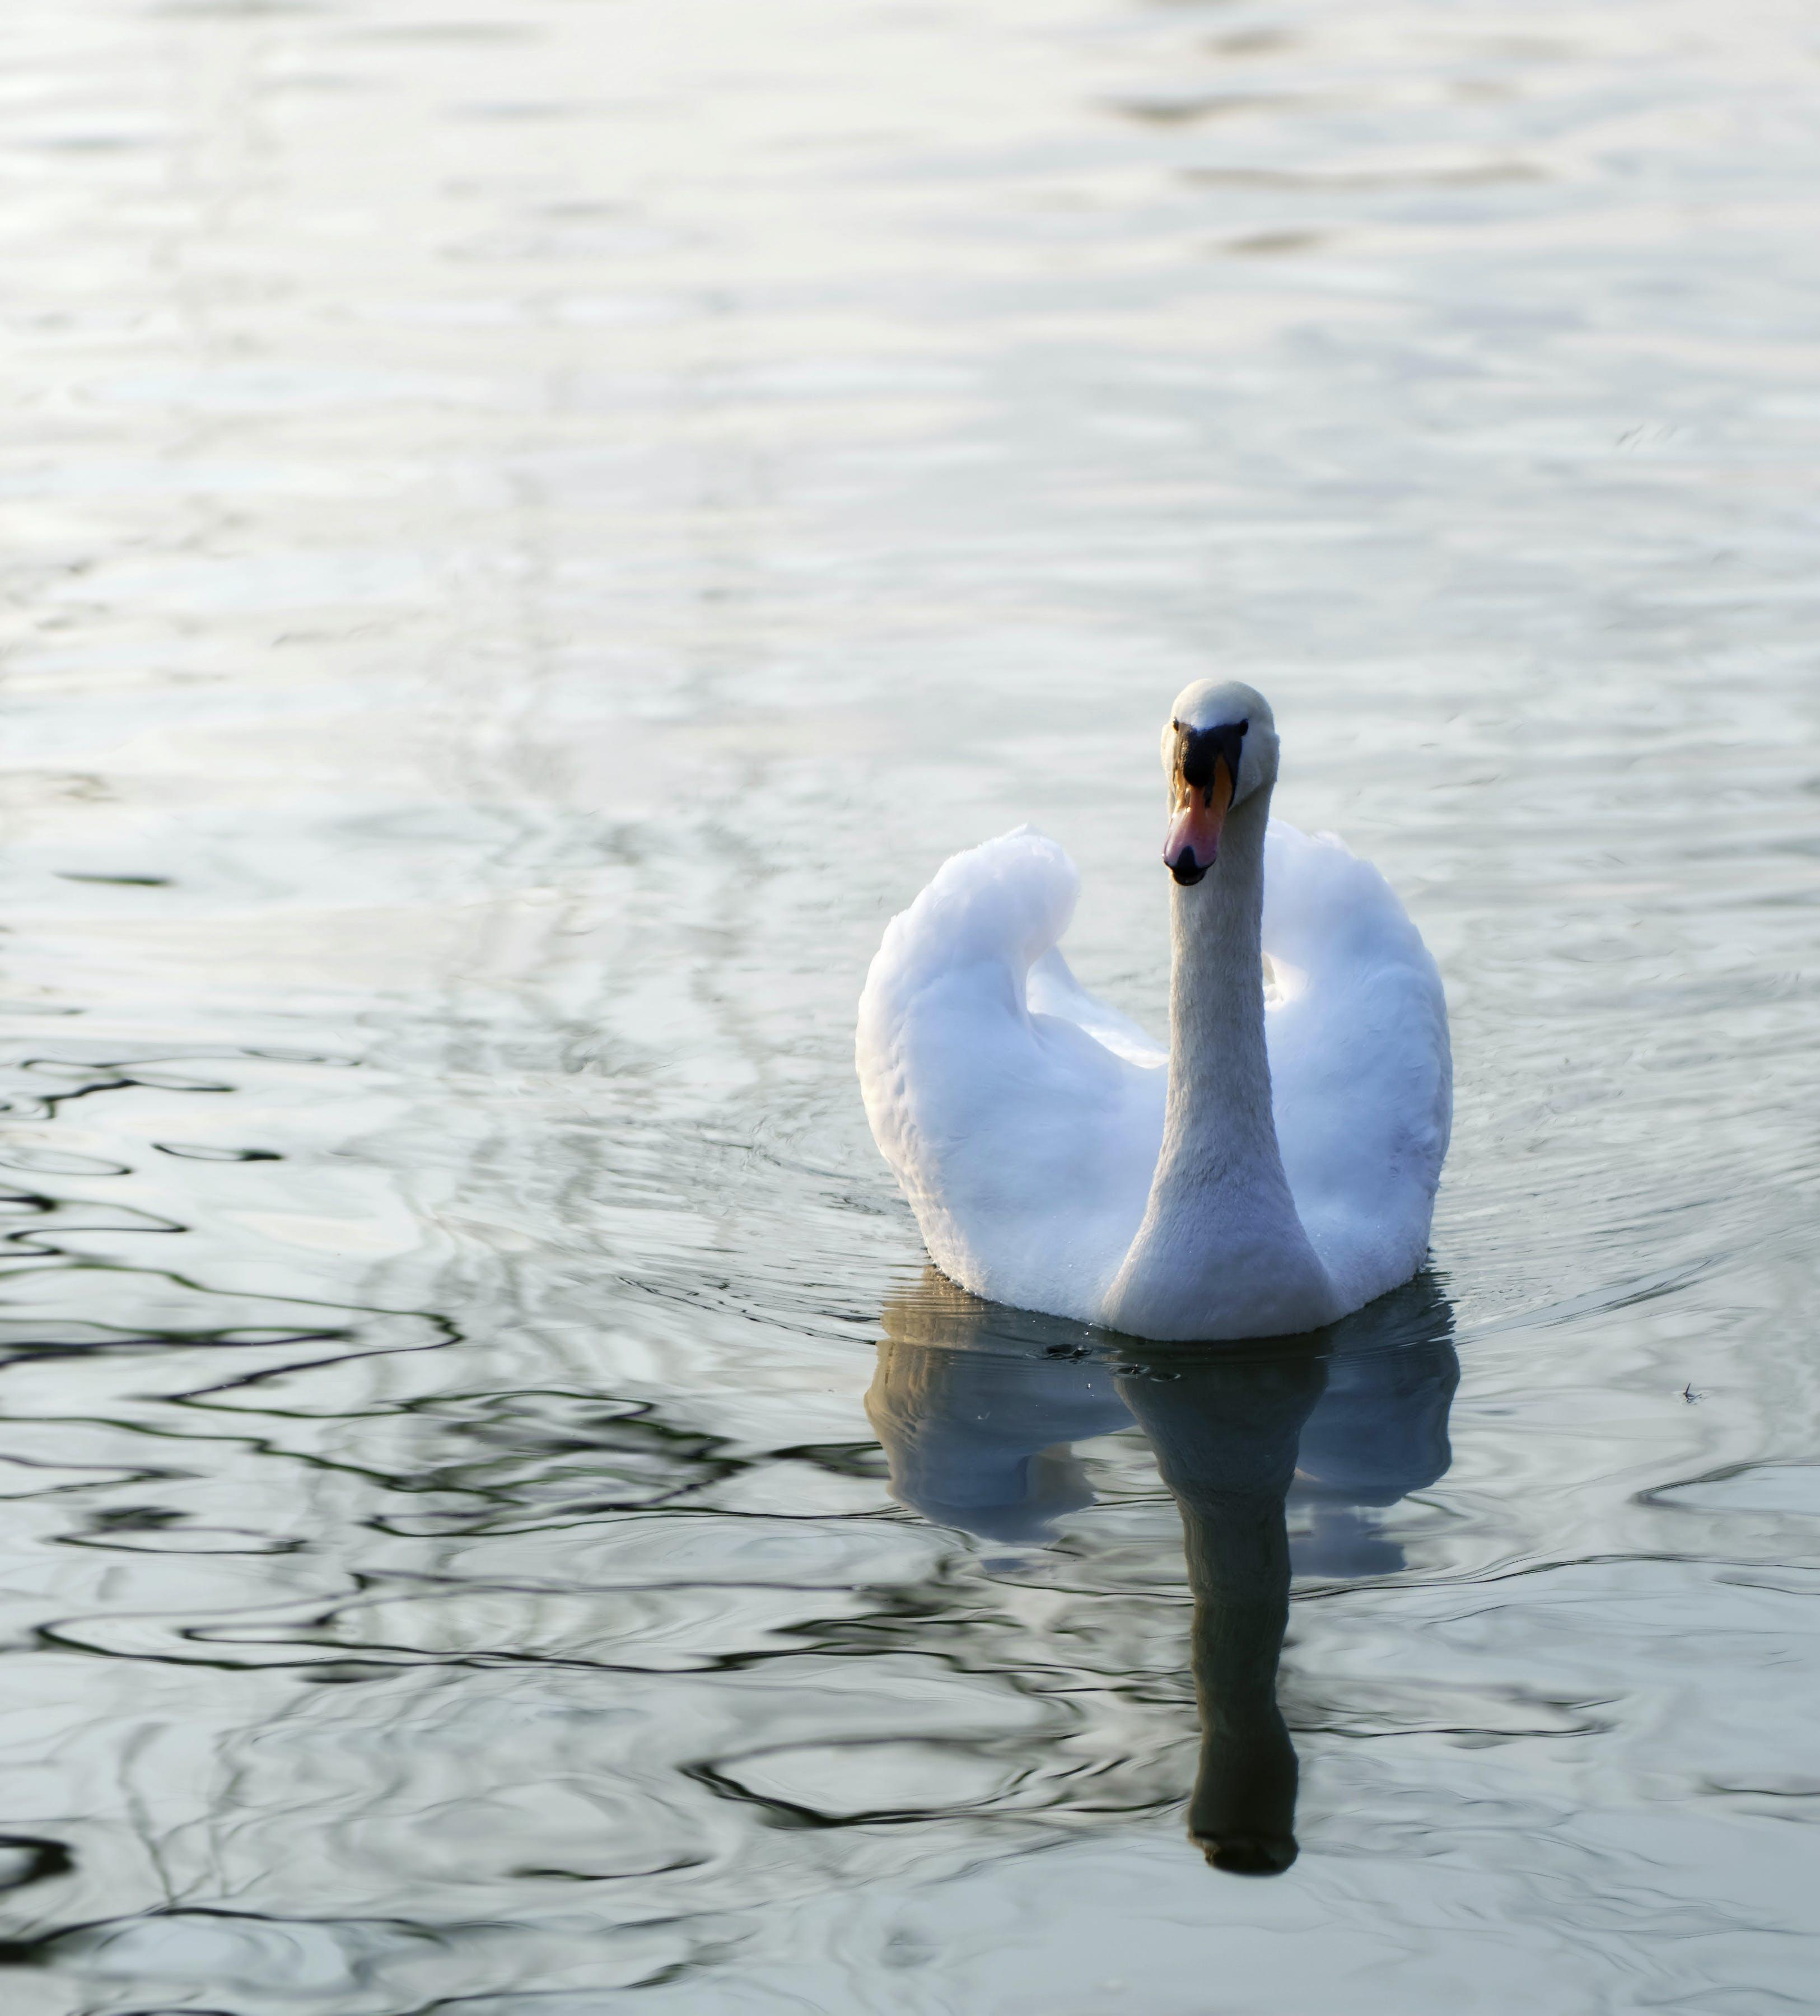 Kostenloses Stock Foto zu baden, see, wasser, weißer schwan